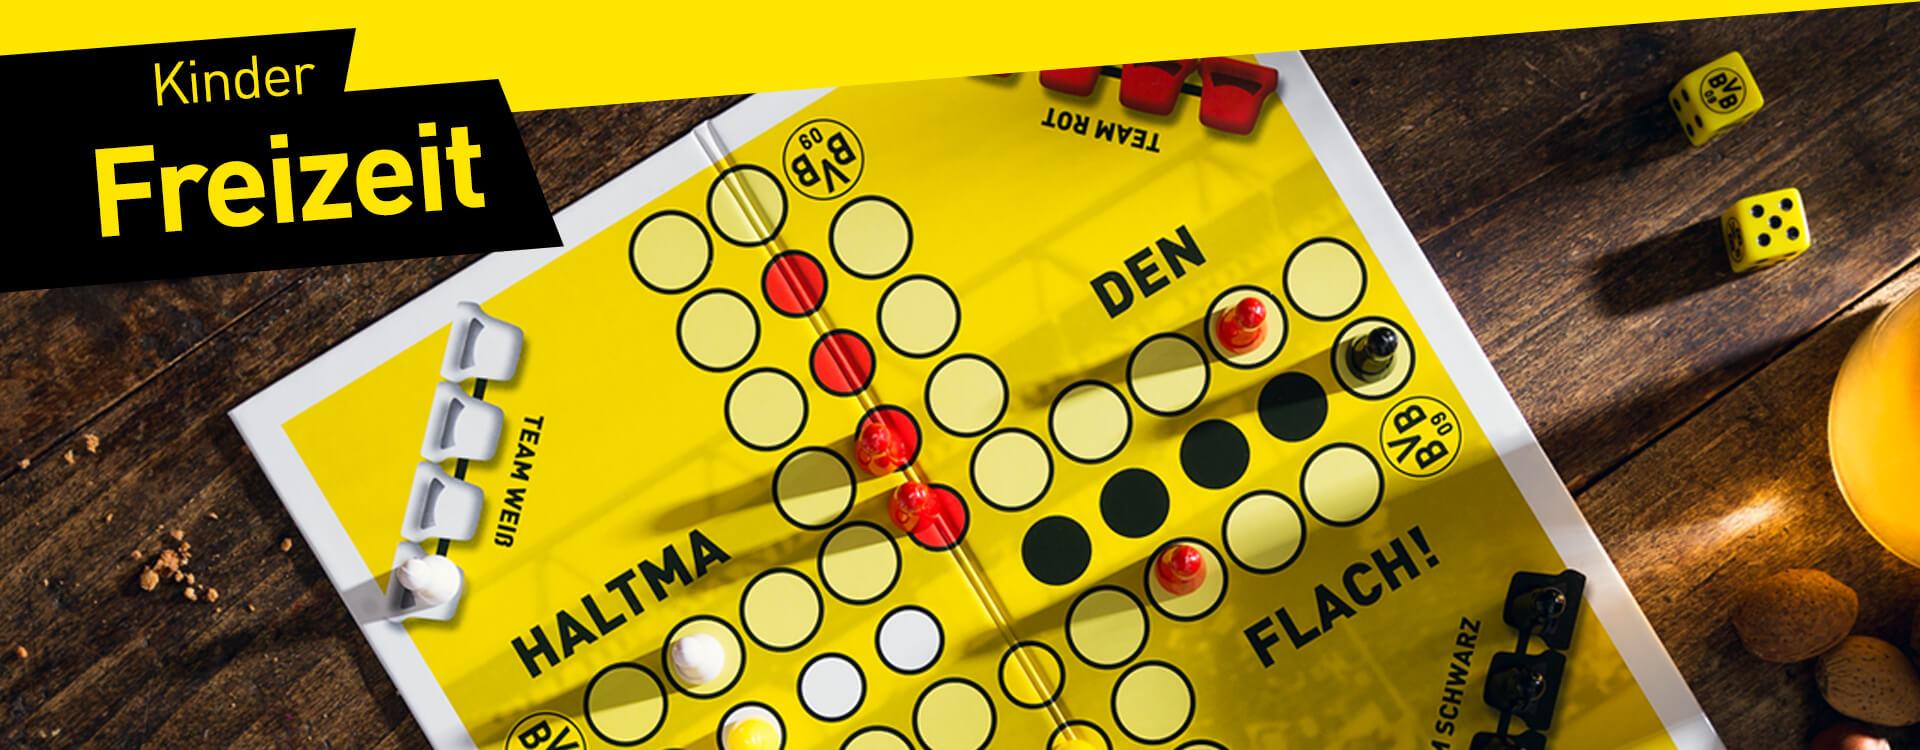 Onlineshop-Kategorieb-hnen-Desktop-1920x750px_Kinder_Freizeit